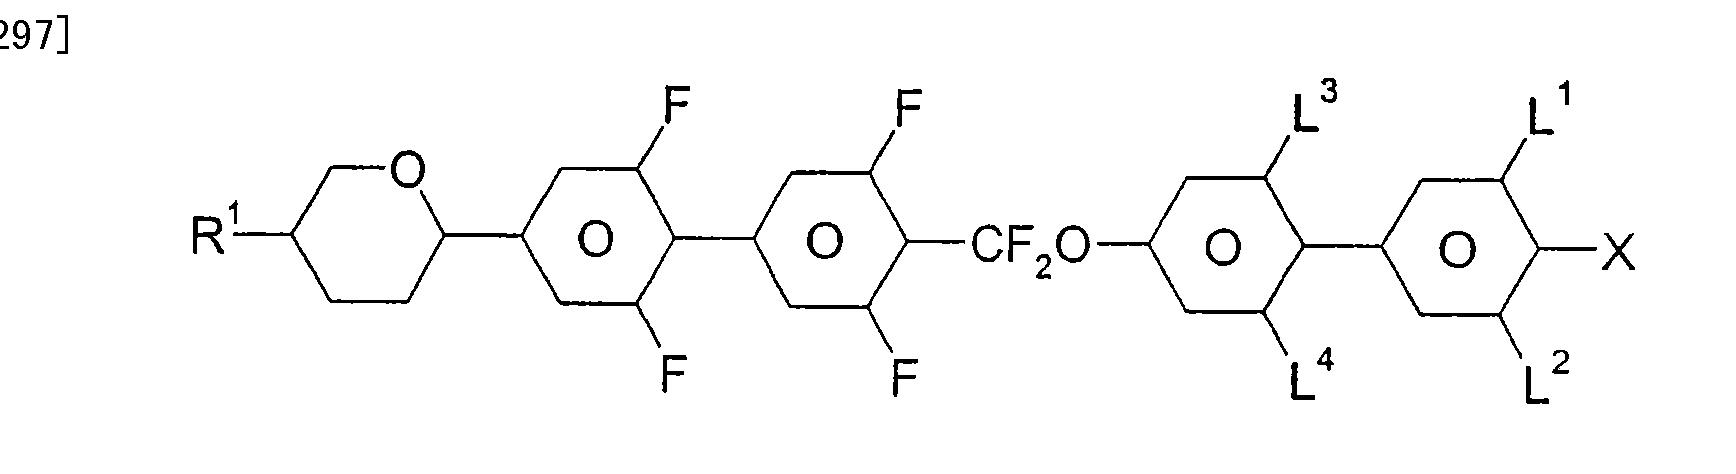 Figure CN101294079BD01143